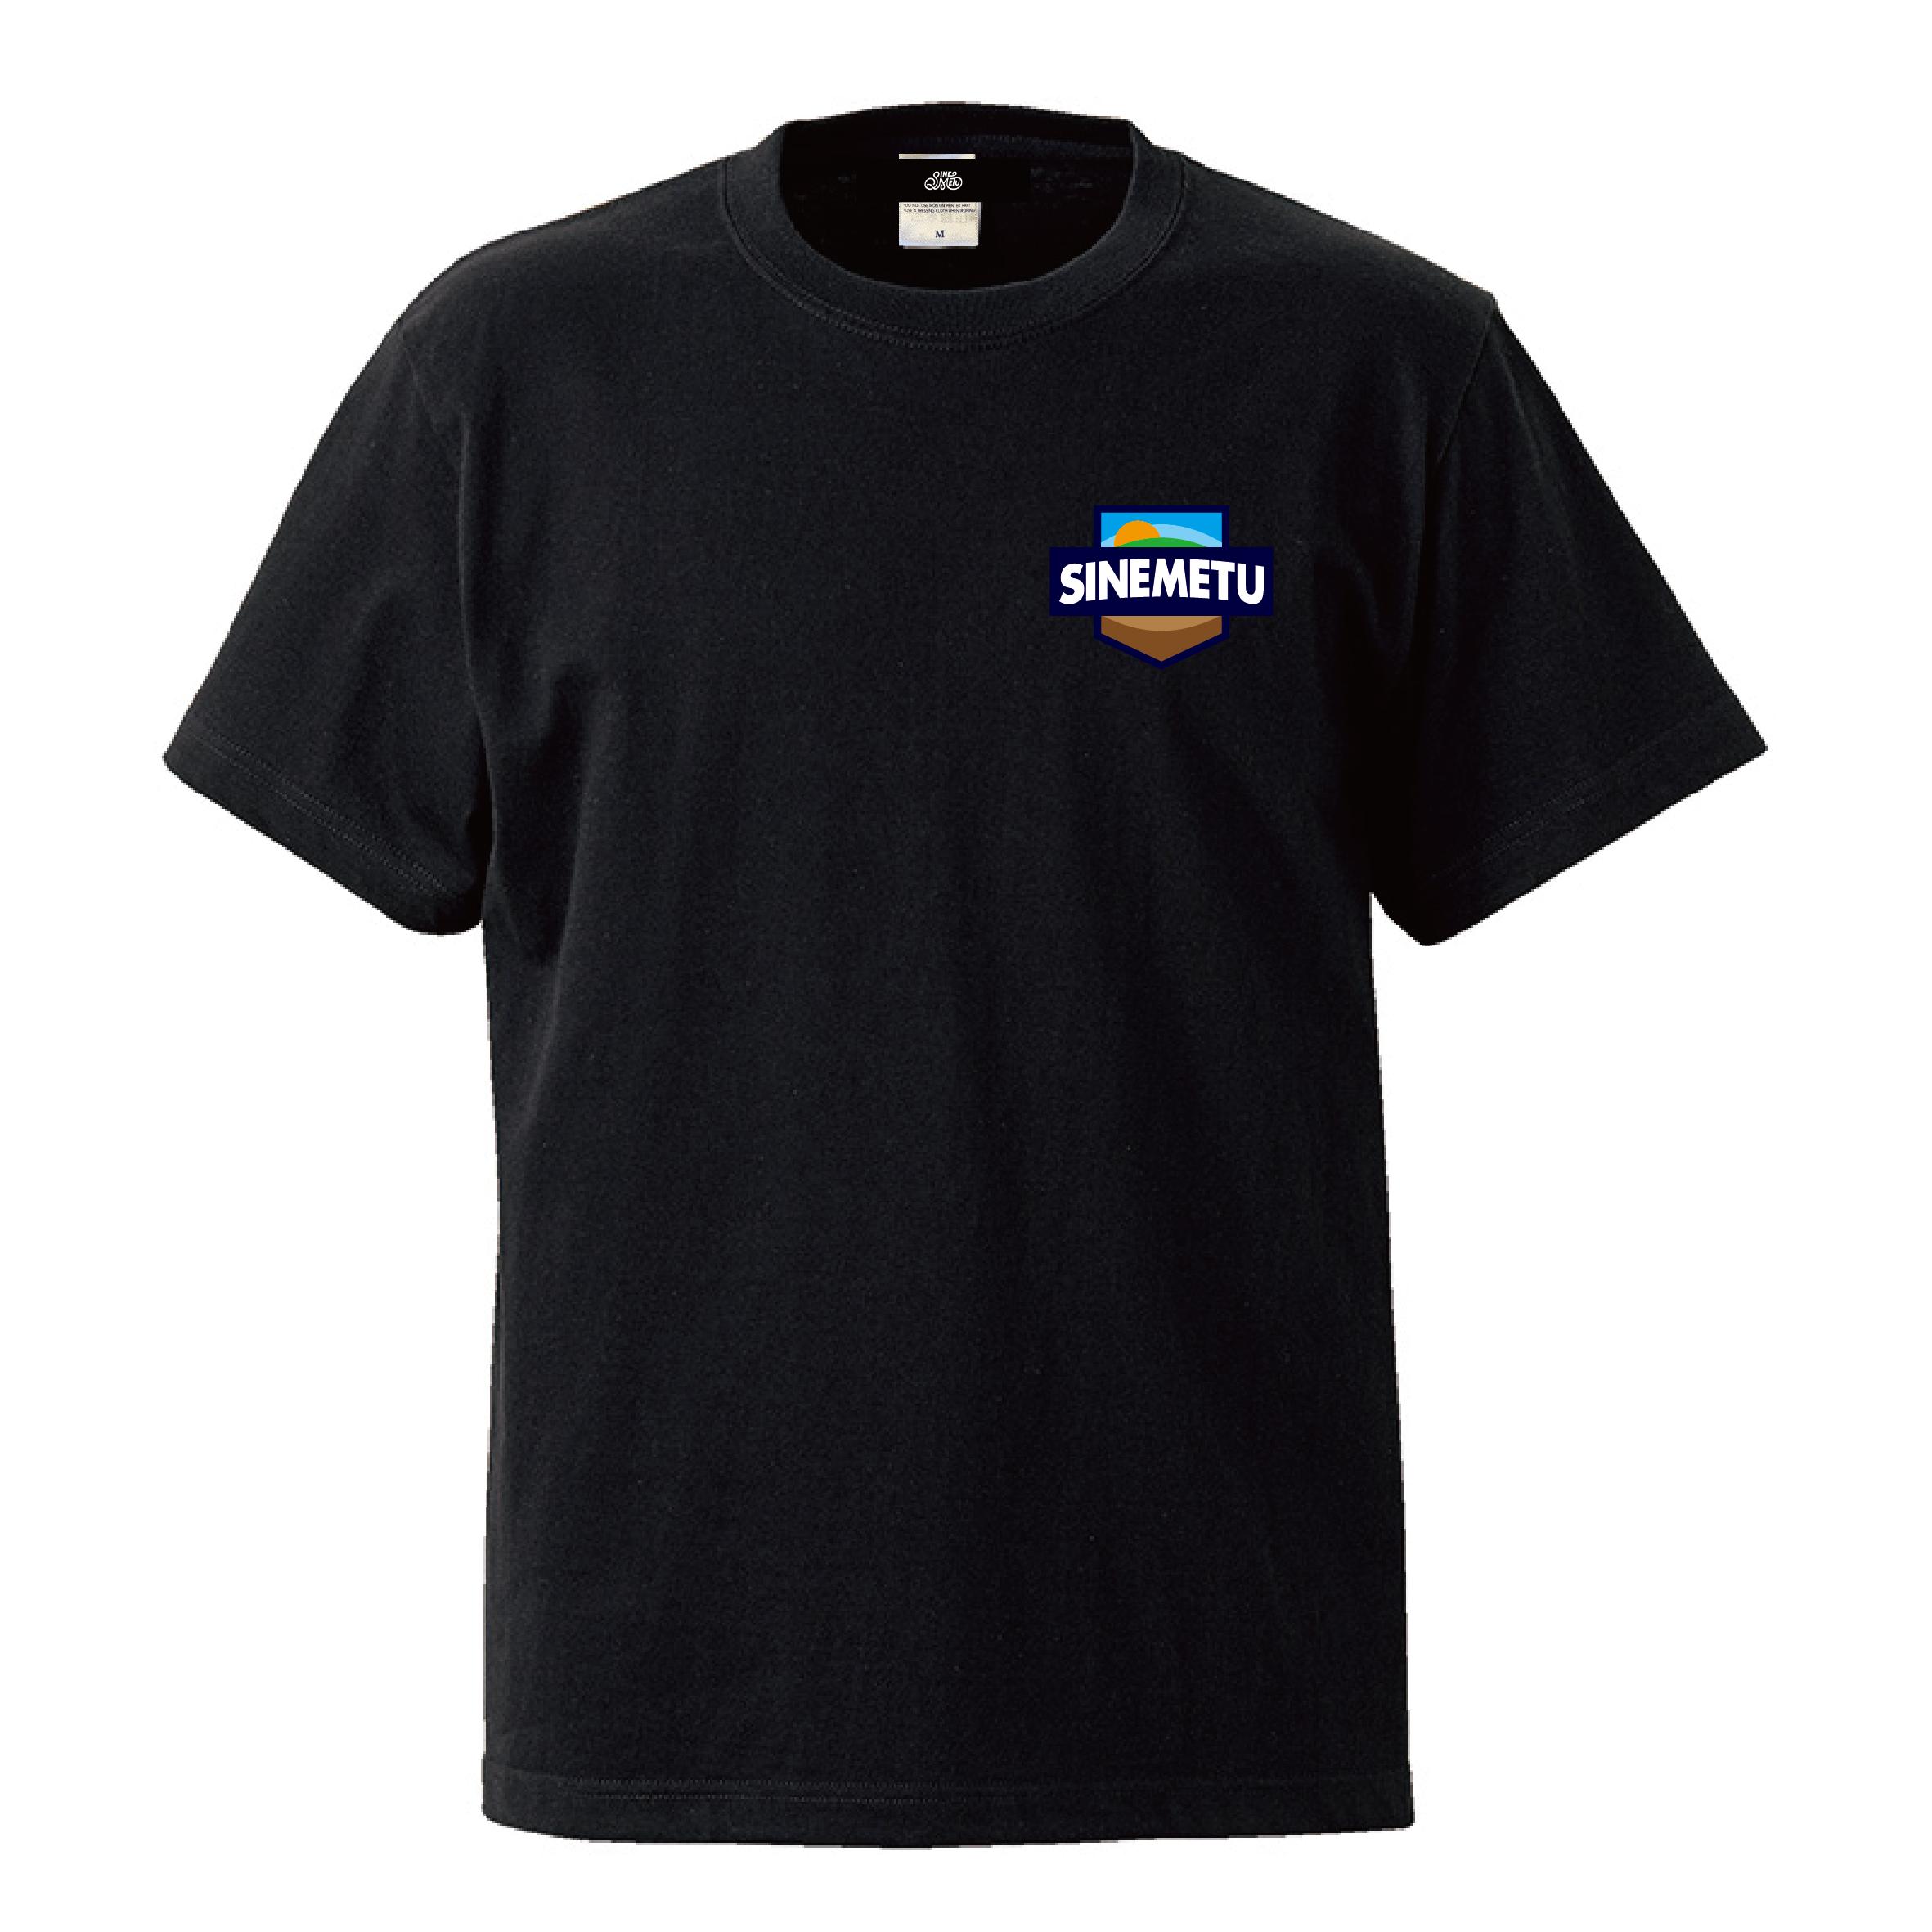 エンブレムTシャツ 半袖 / ブラック | SINE METU - シネメトゥ